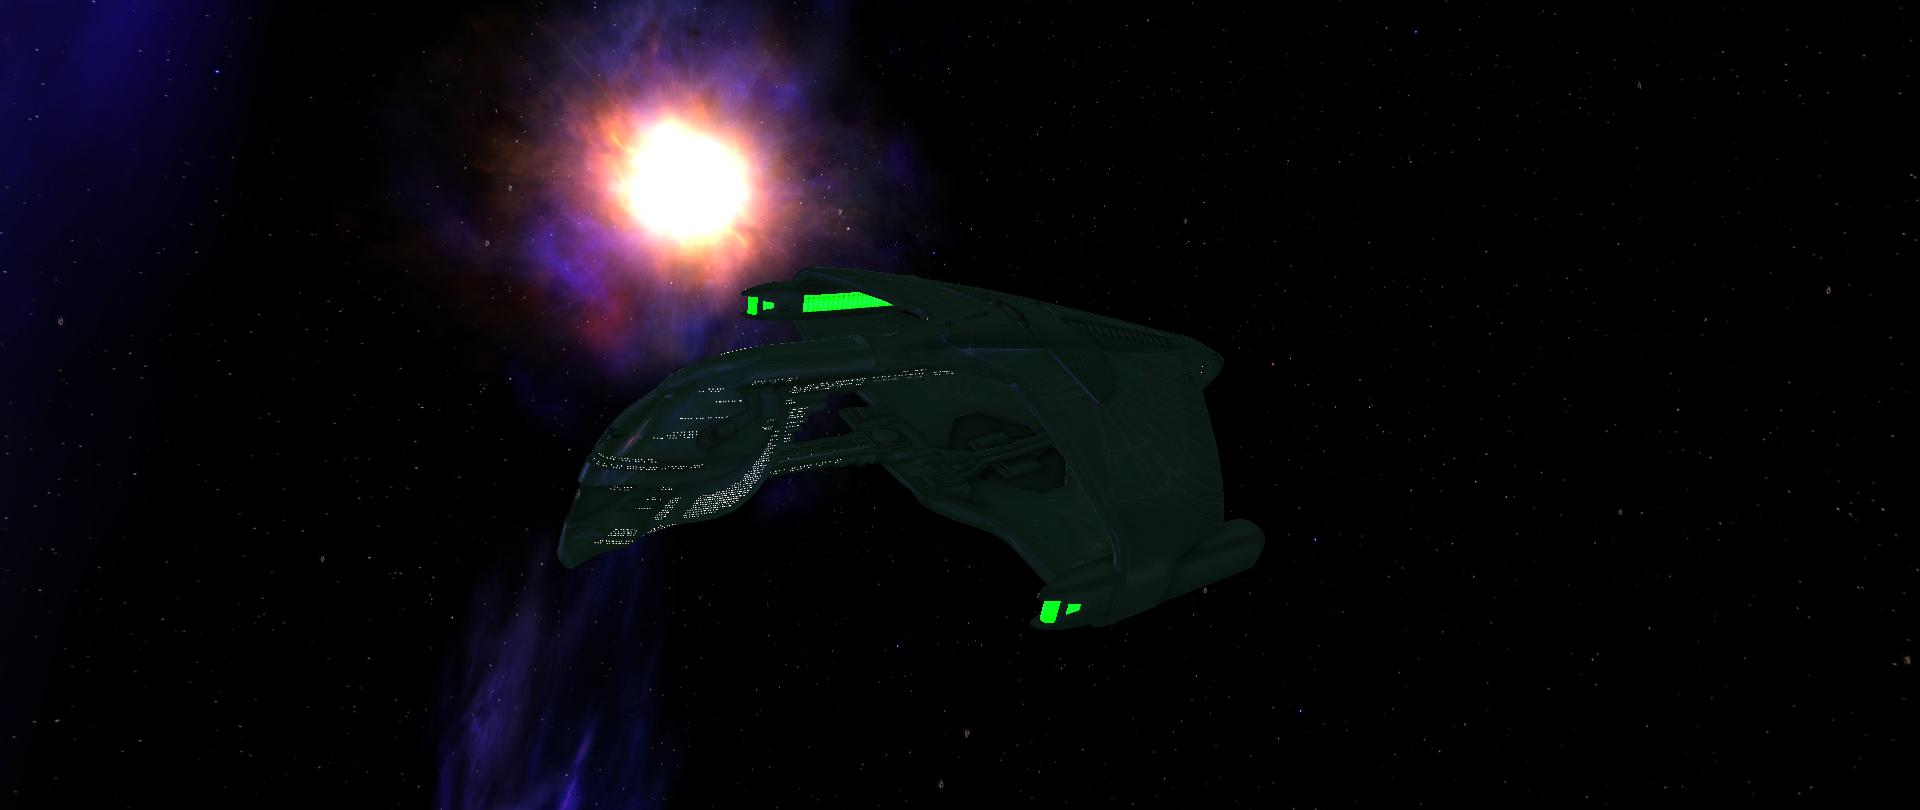 Romulan D'deridex class Warbird